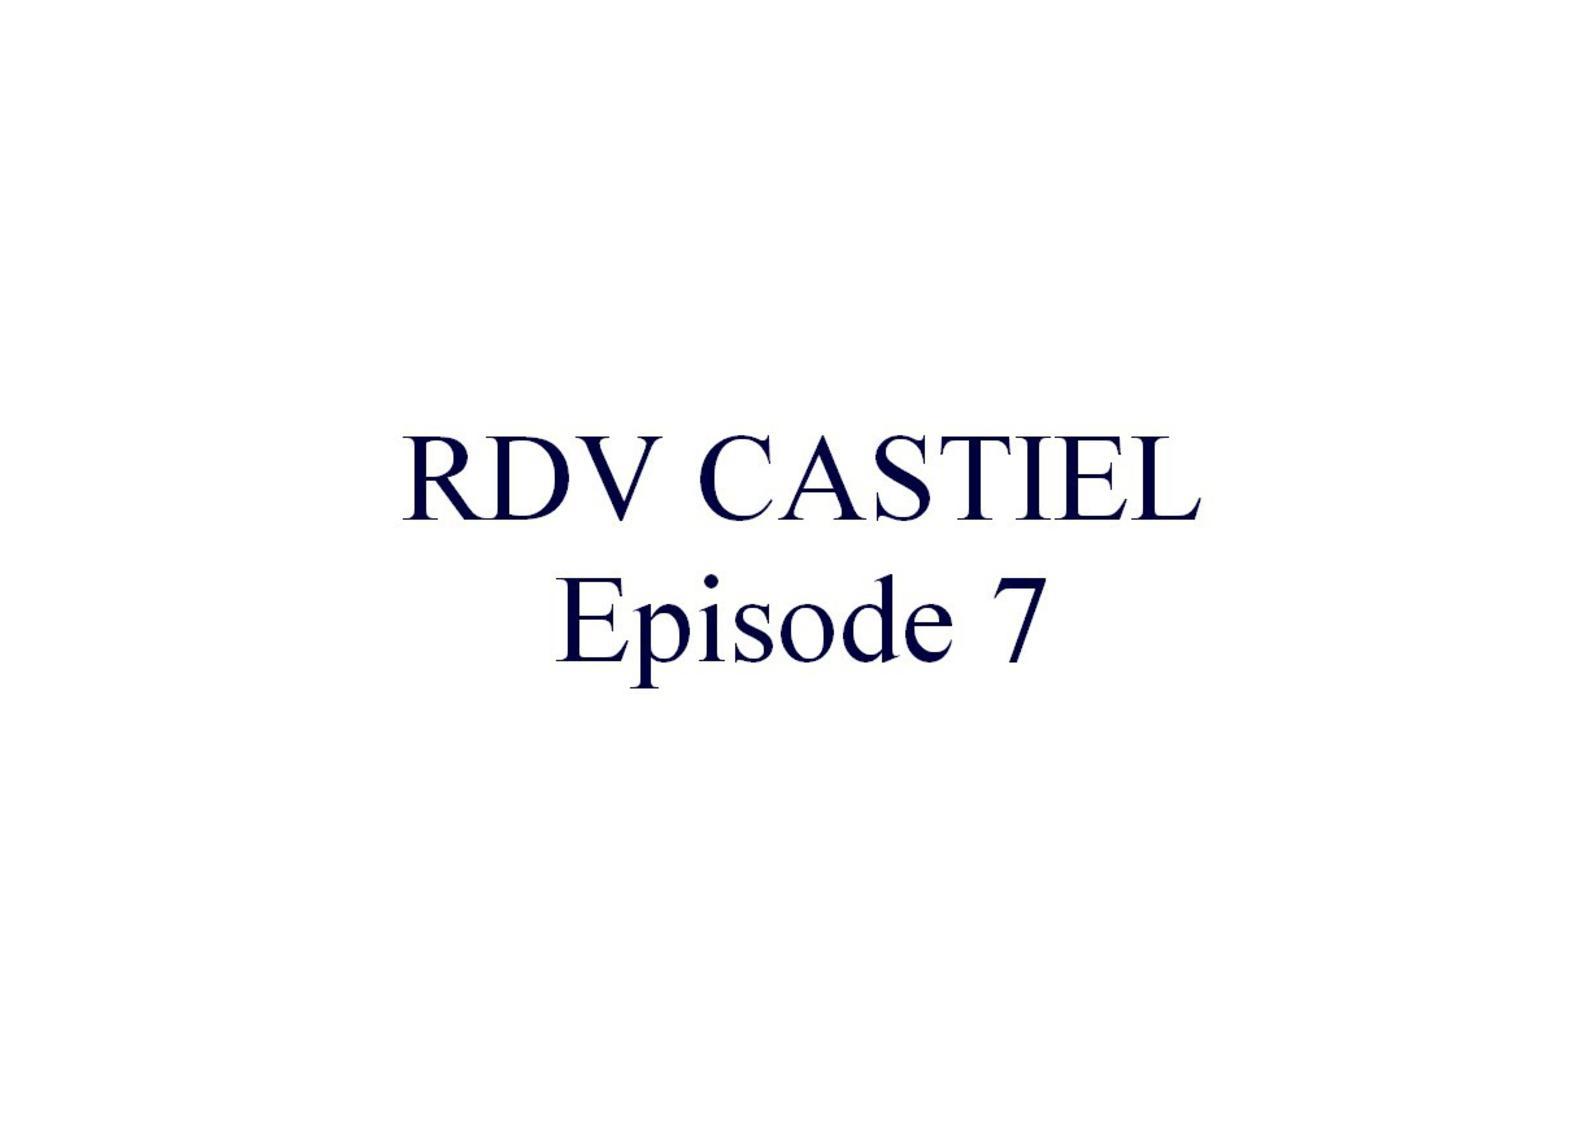 ASCL - Episode 7 - Castiel